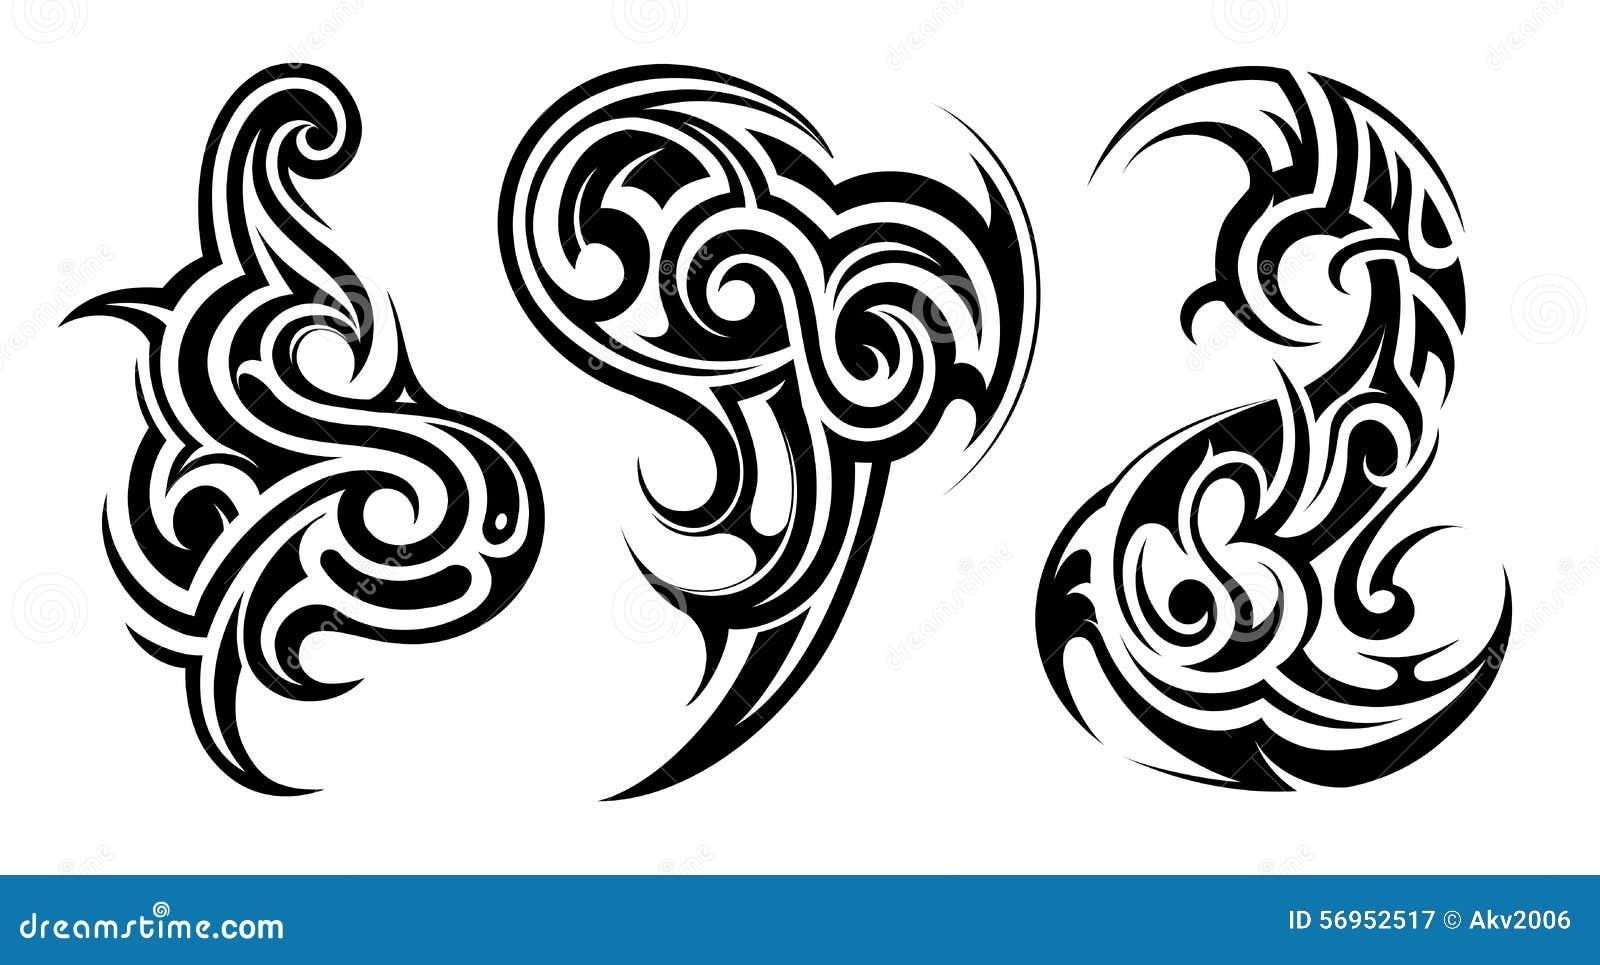 Line Art Tattoo : Fine art svetlana saitsky